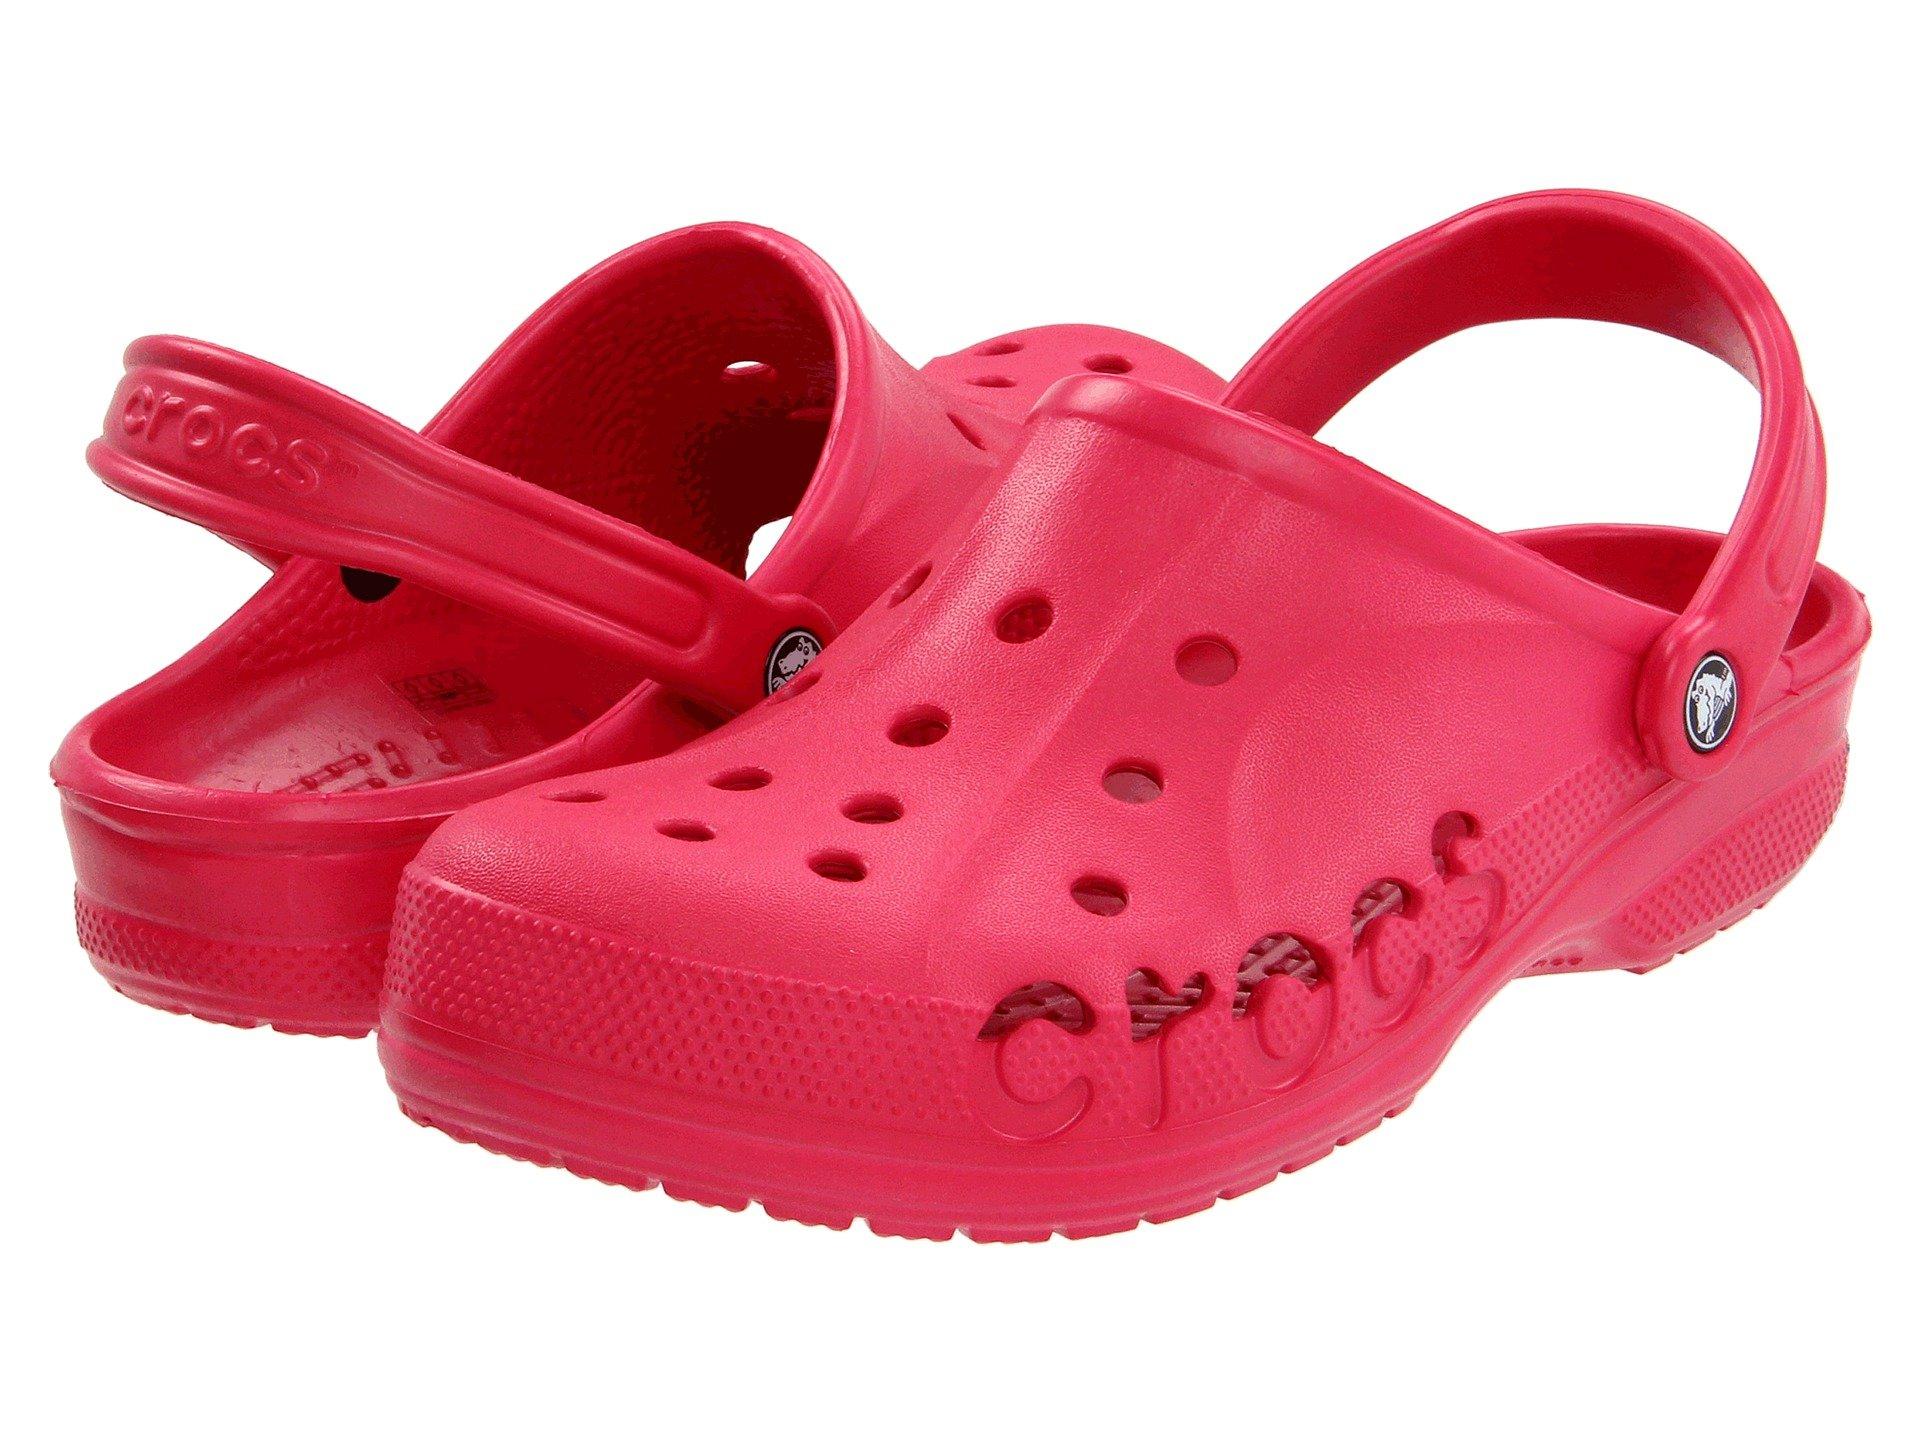 Calzado Sin Talon para Hombre Crocs Baya (Unisex)  + Crocs en VeoyCompro.net